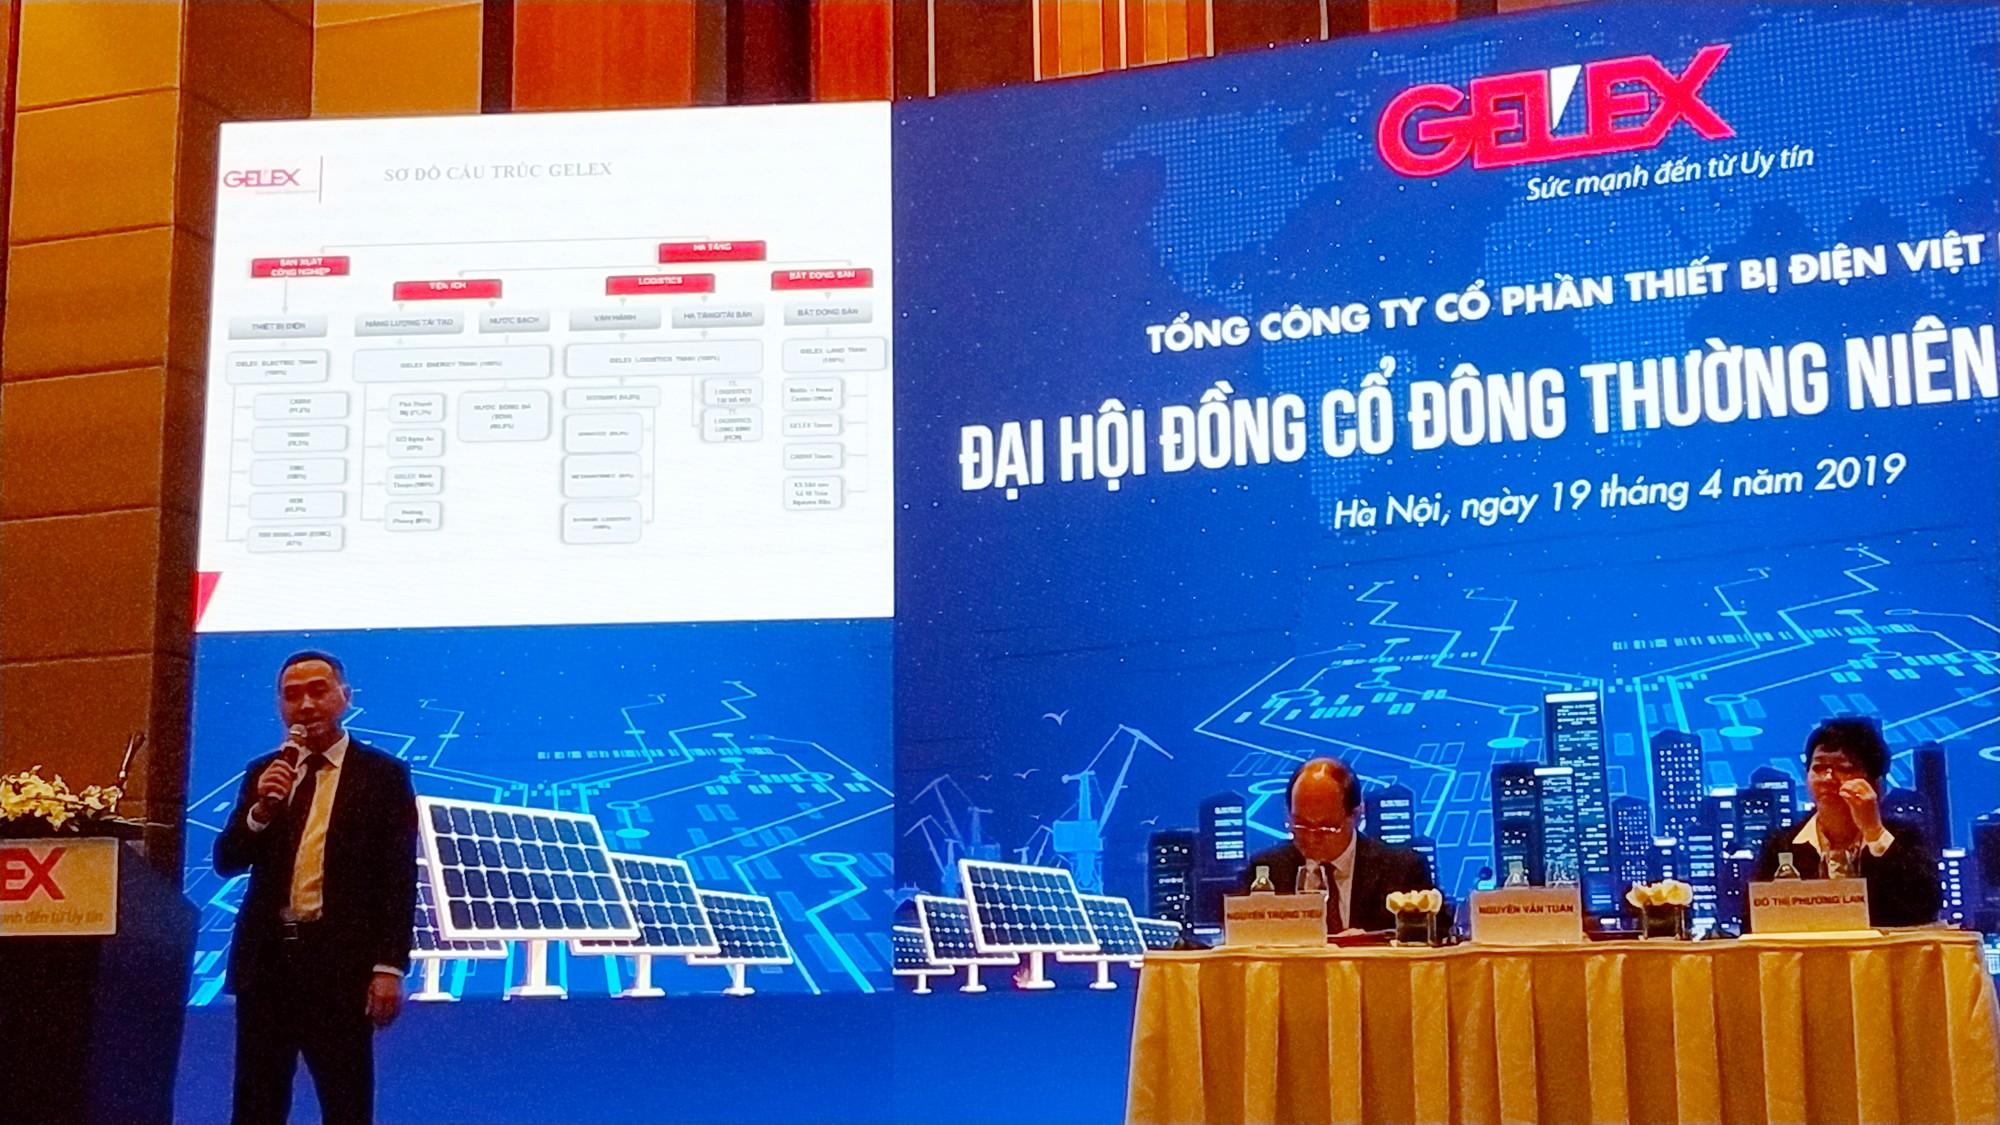 ĐHCĐ Gelex: Chỉ sáp nhập những công ty đầu ngành, loại 1 - Ảnh 2.